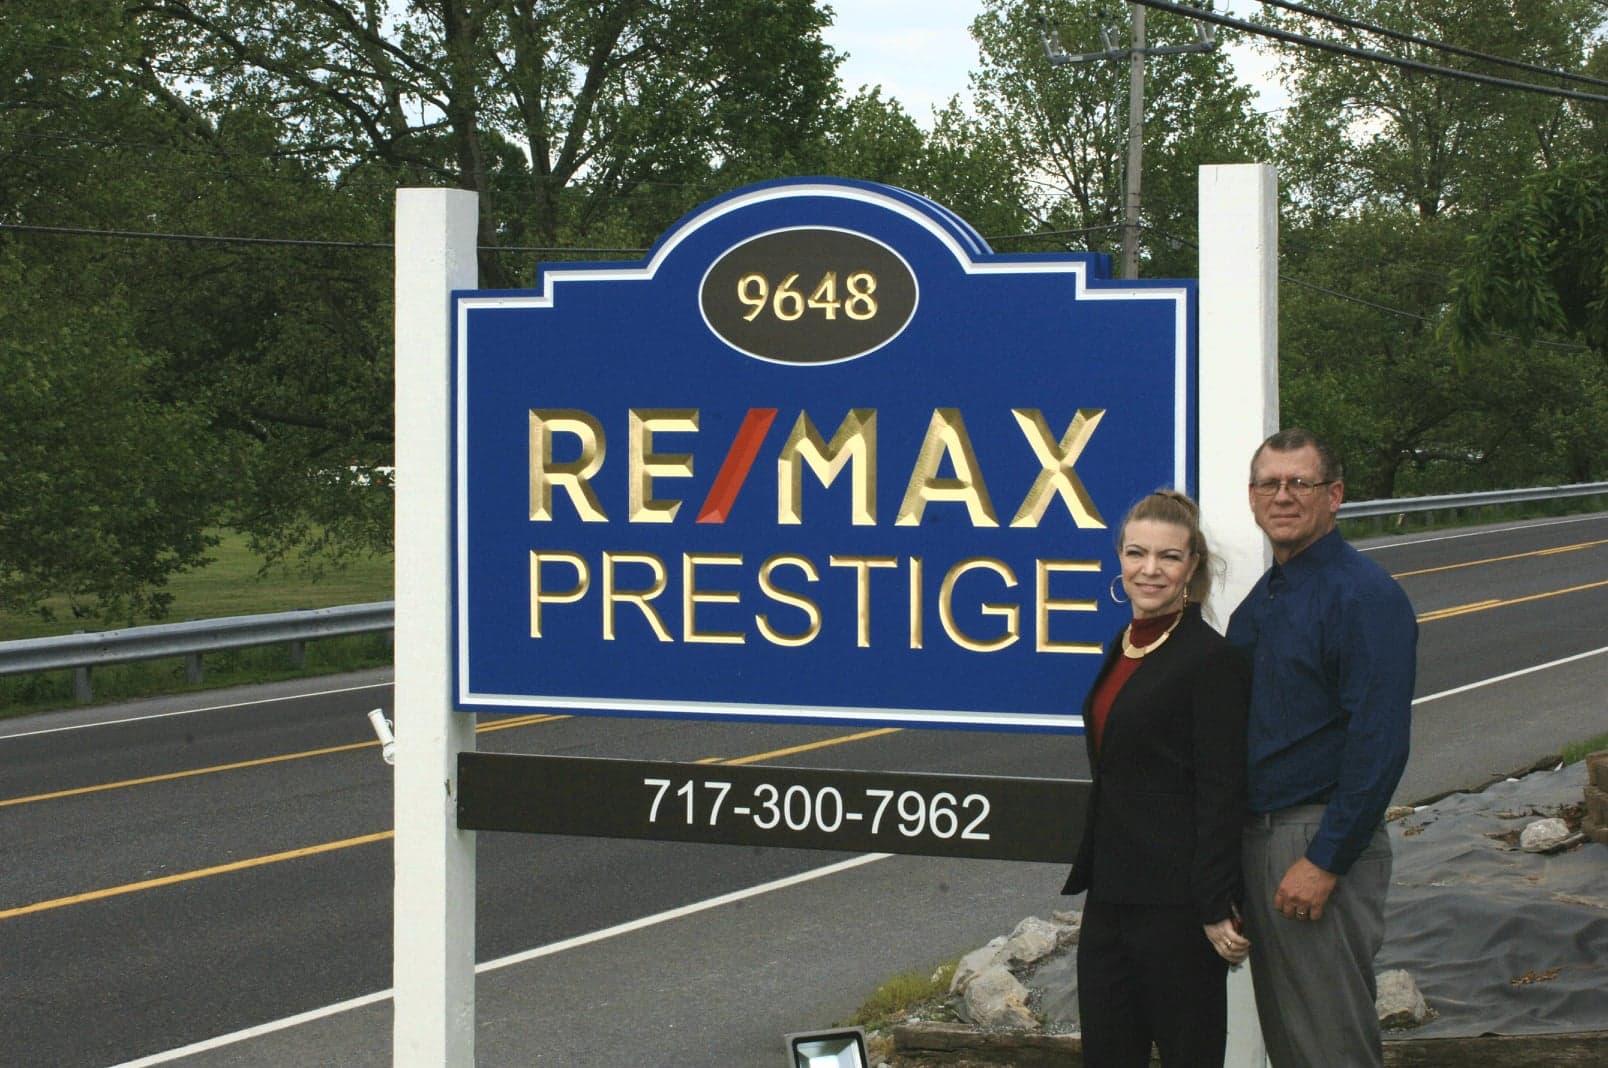 RE/MAX Prestige